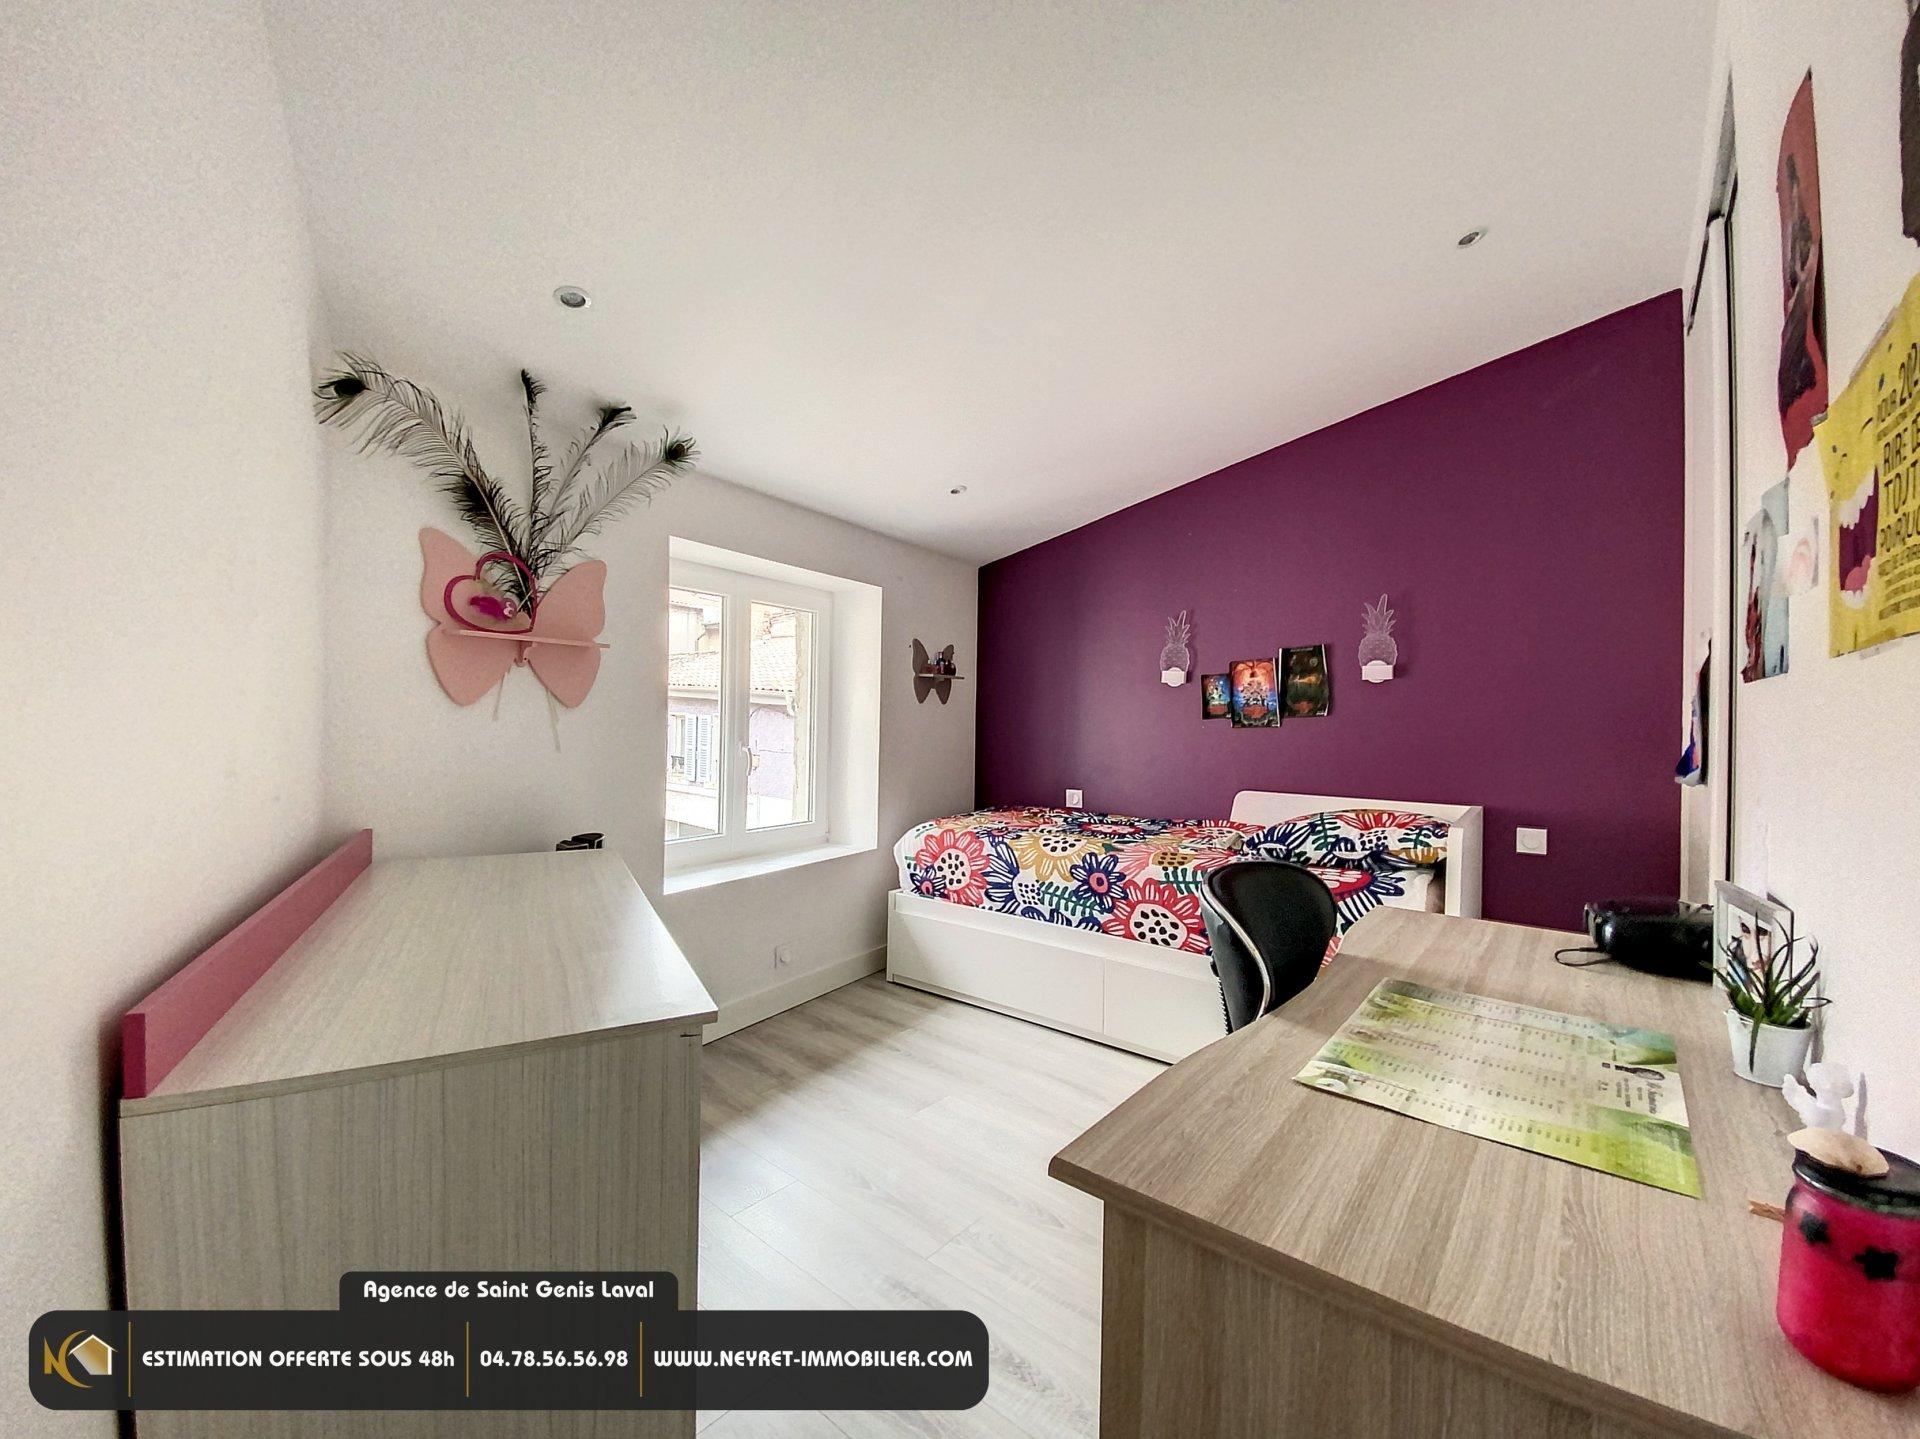 Maison de village -  3 Chambres - calme - plein centre - parfait état